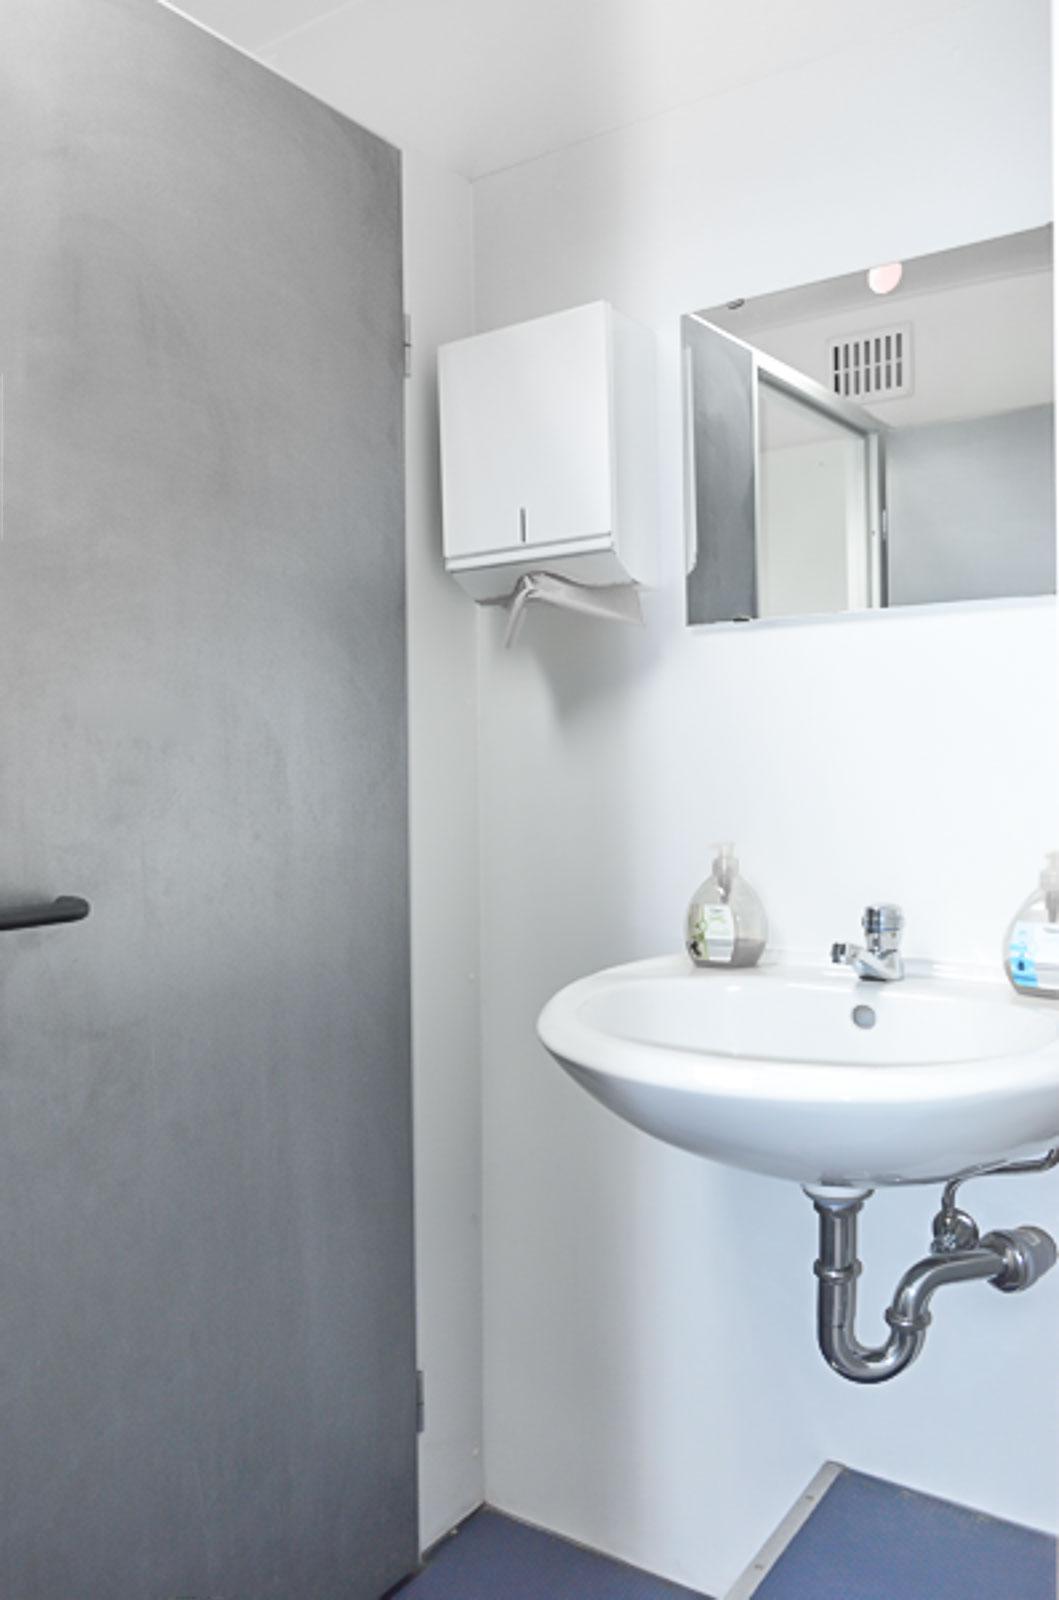 Toiletten Vermietung Aachen - Toilettenwagen mit Waschbecken